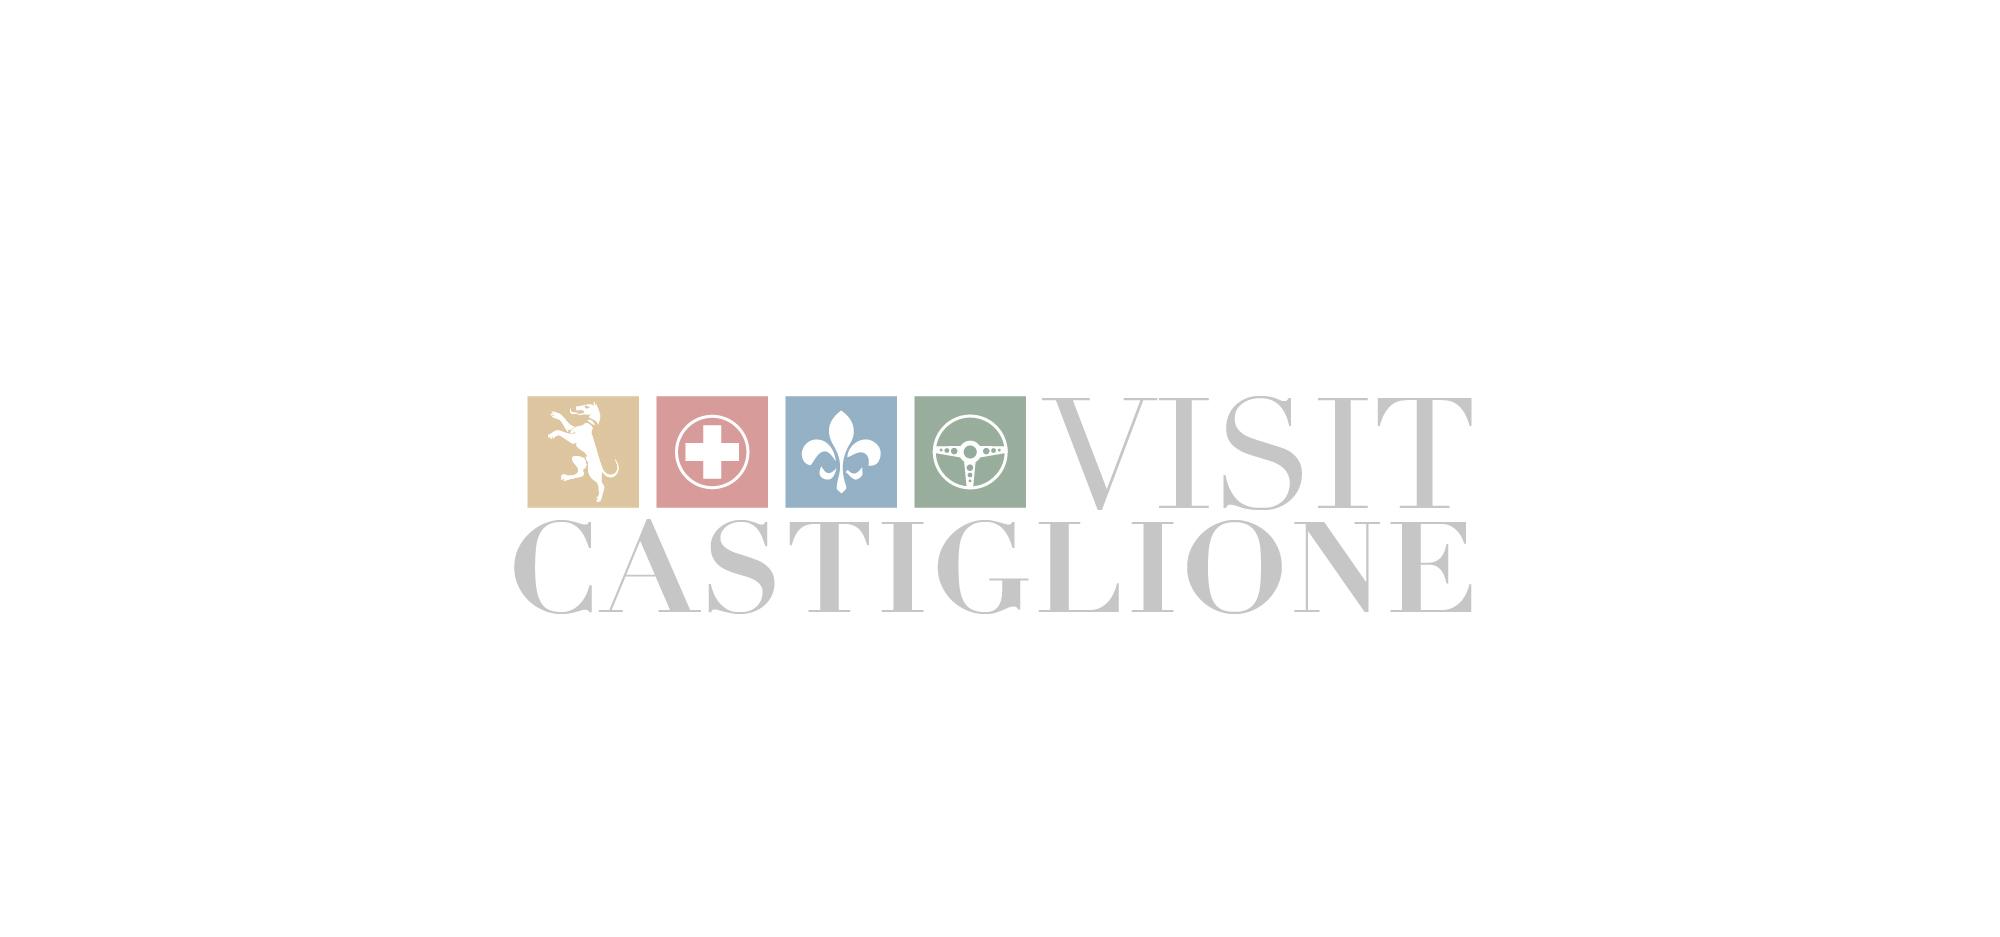 visit-castiglione-01